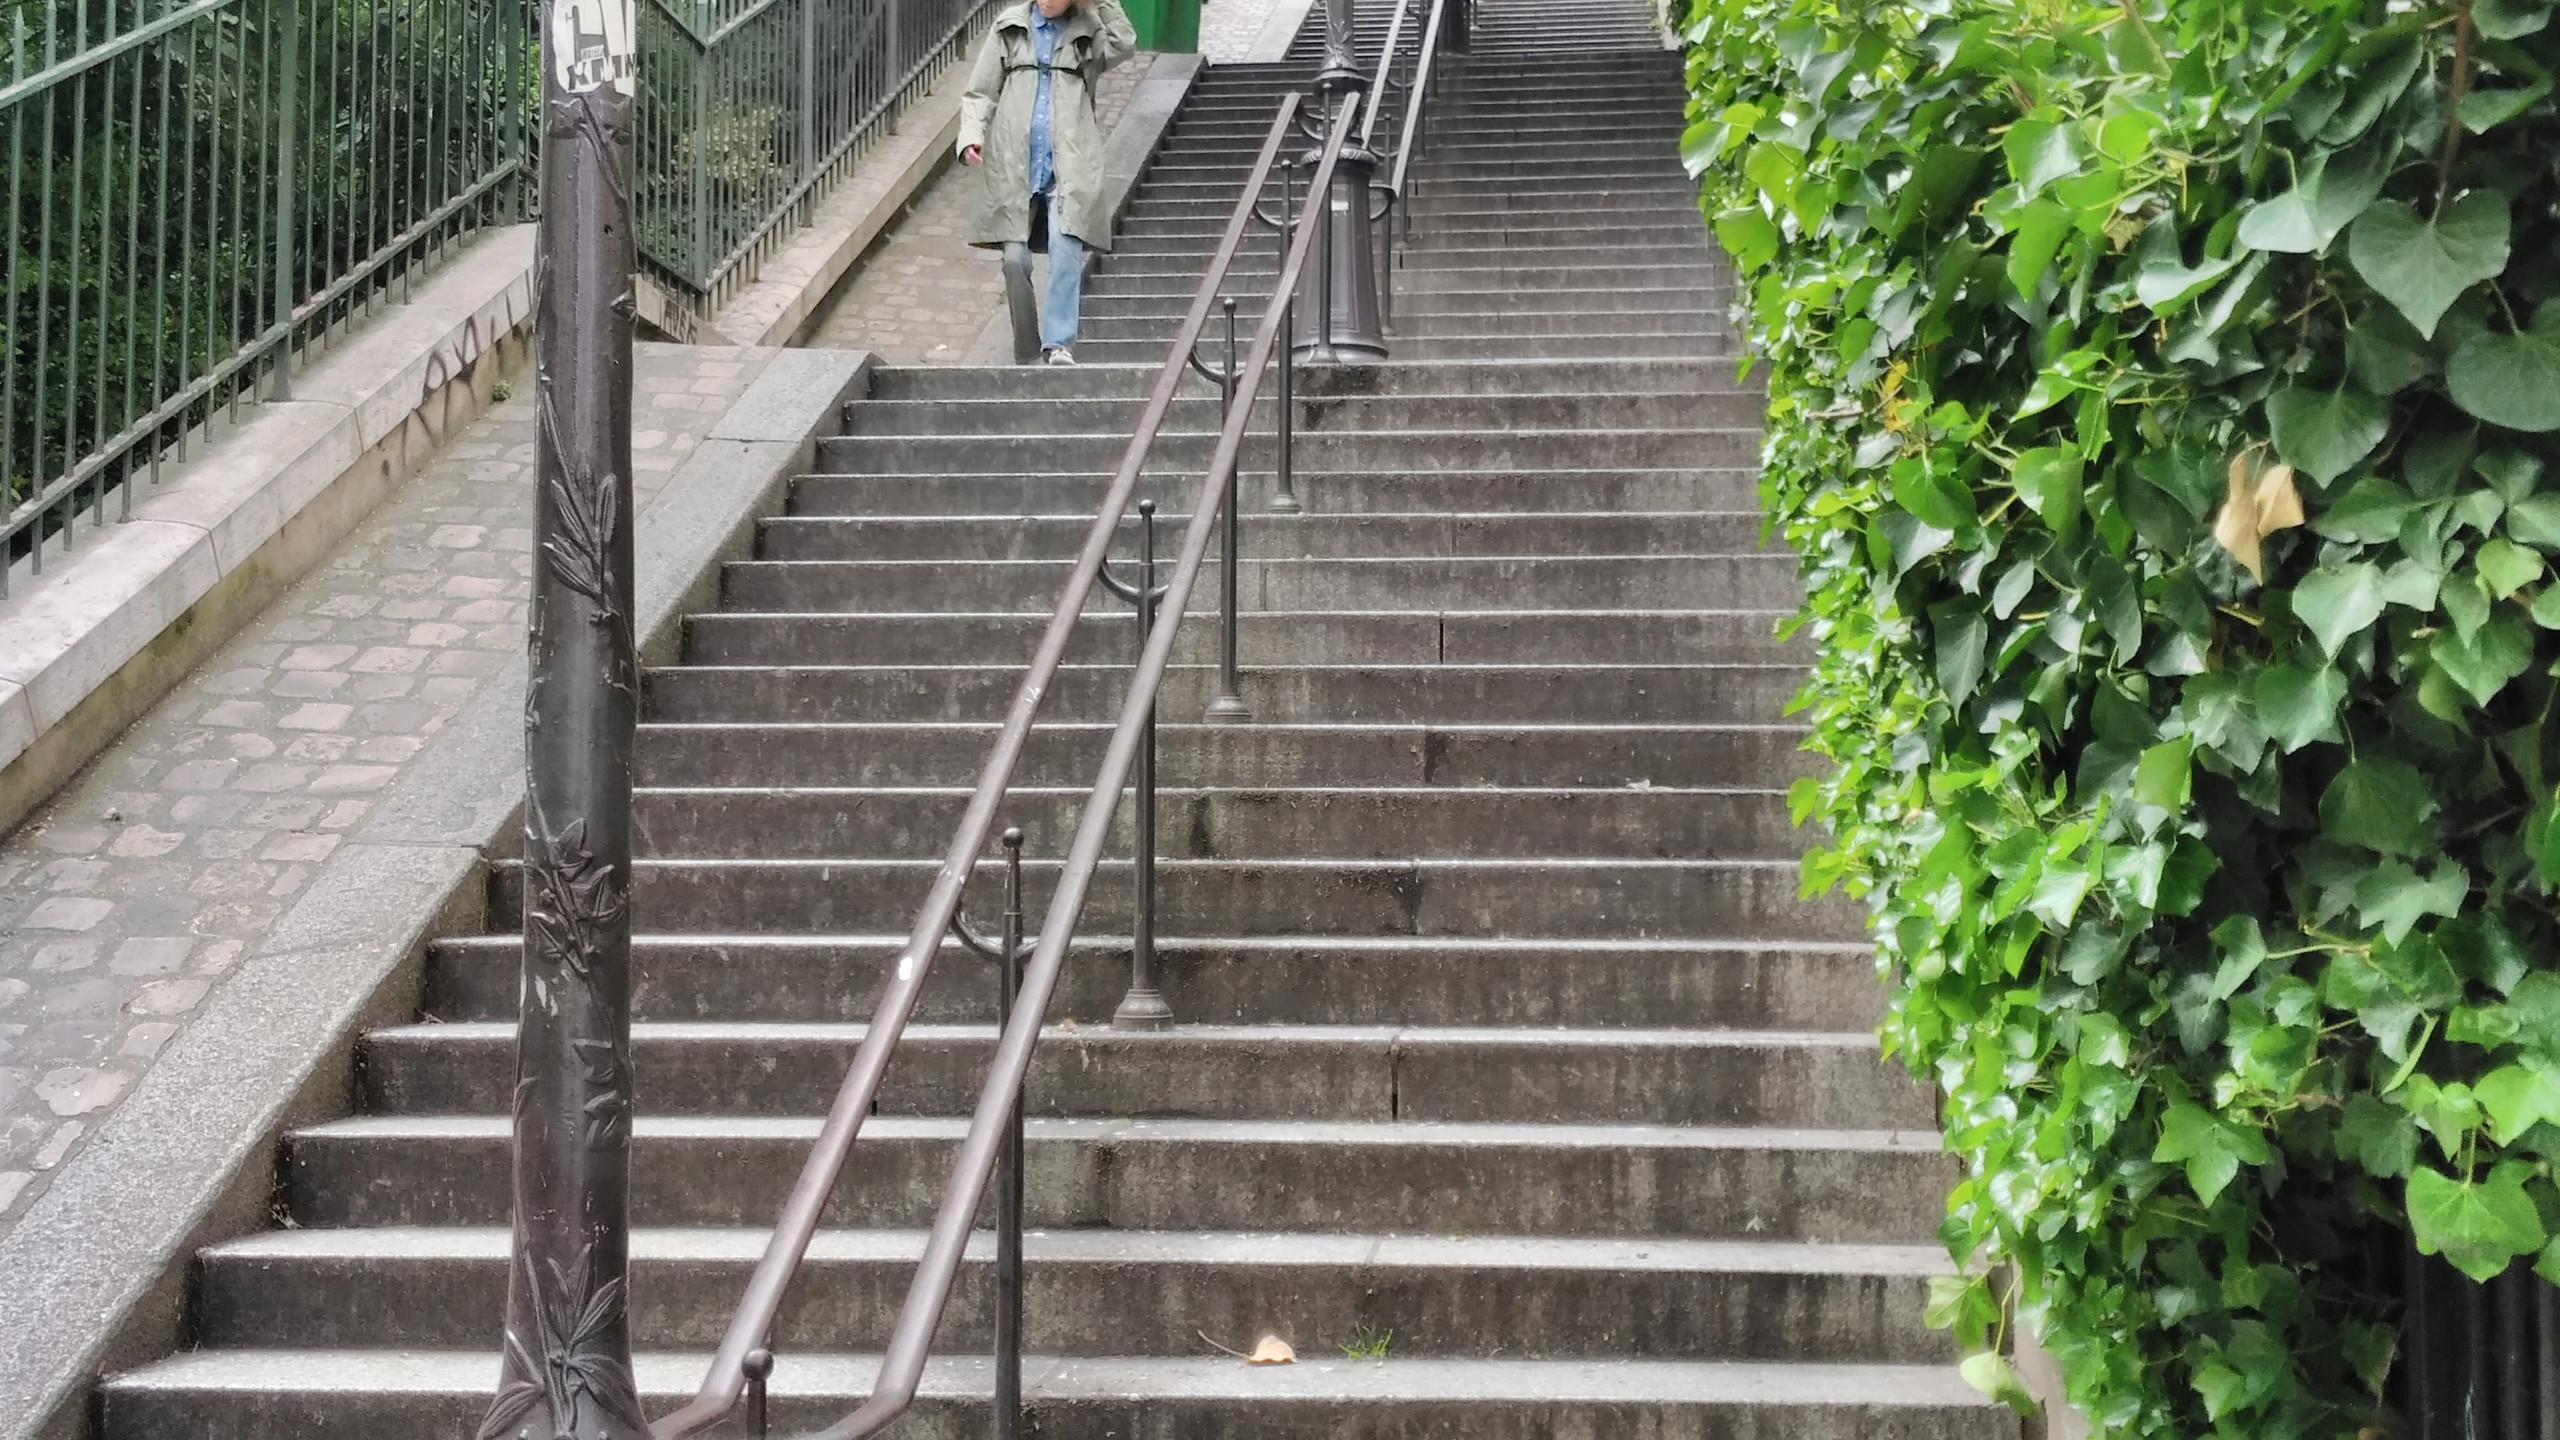 Escalier Maurice Utrillo